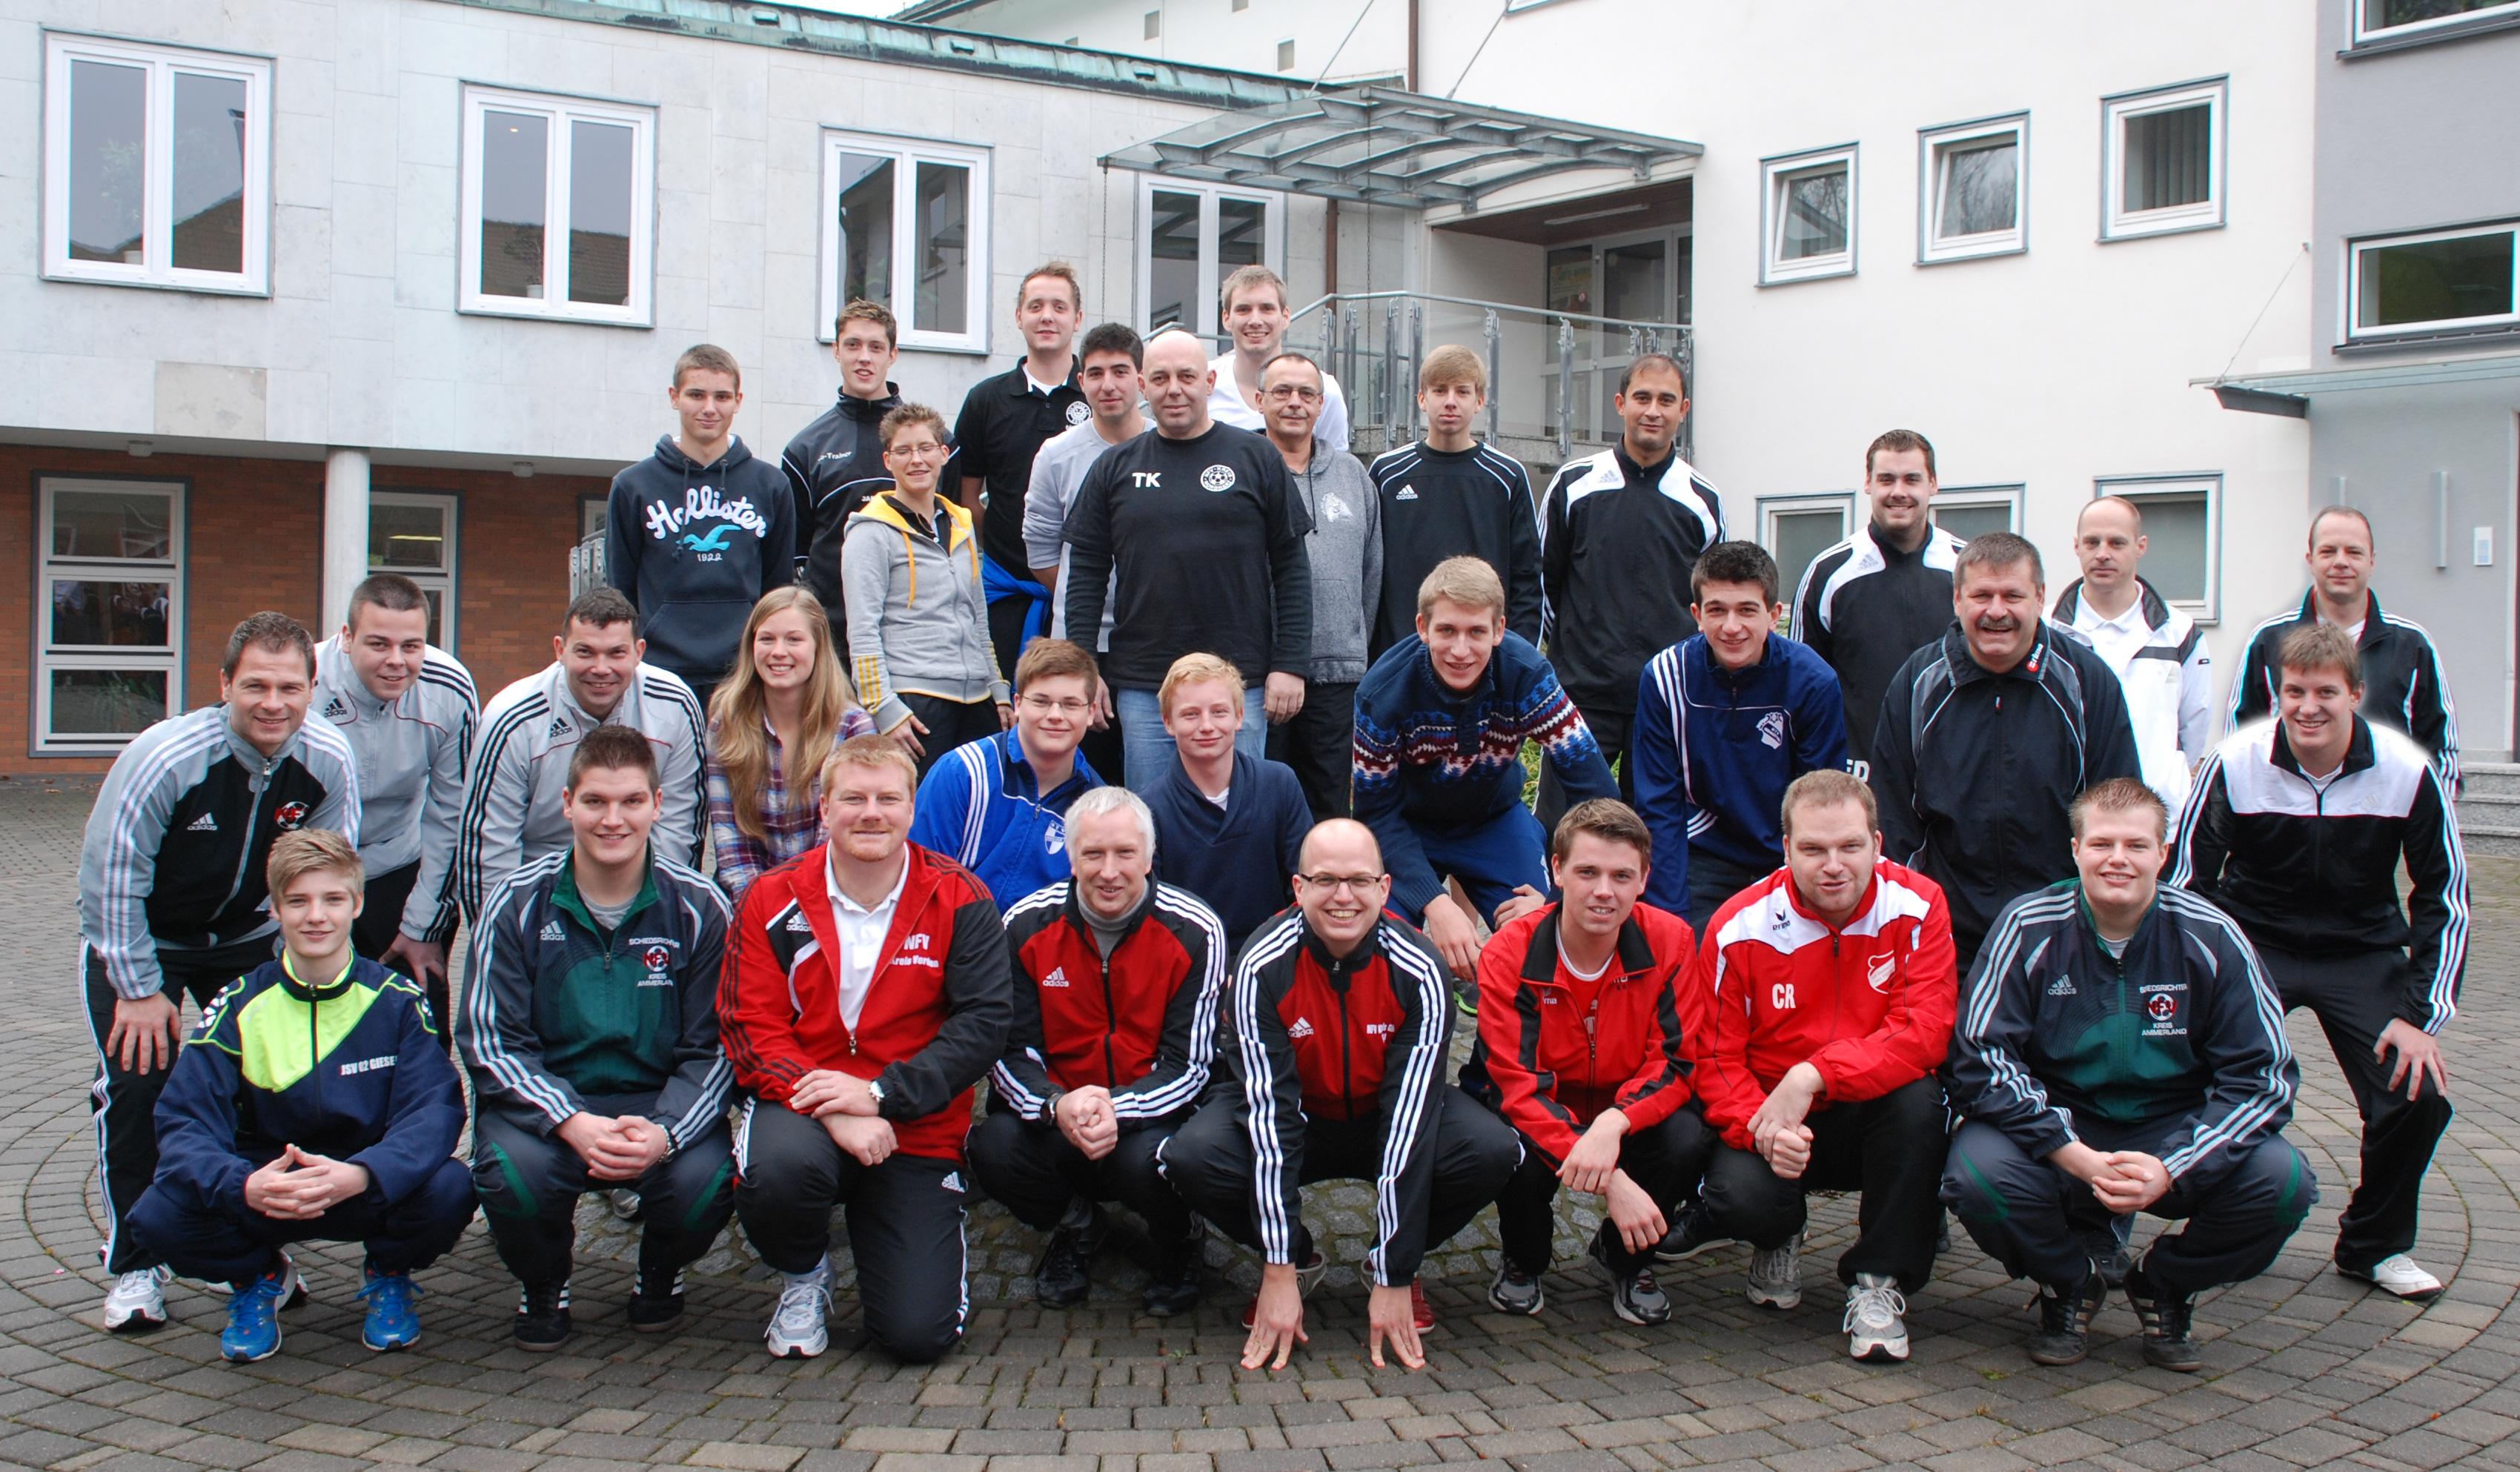 NFV-Schiedsrichter fit für Futsal